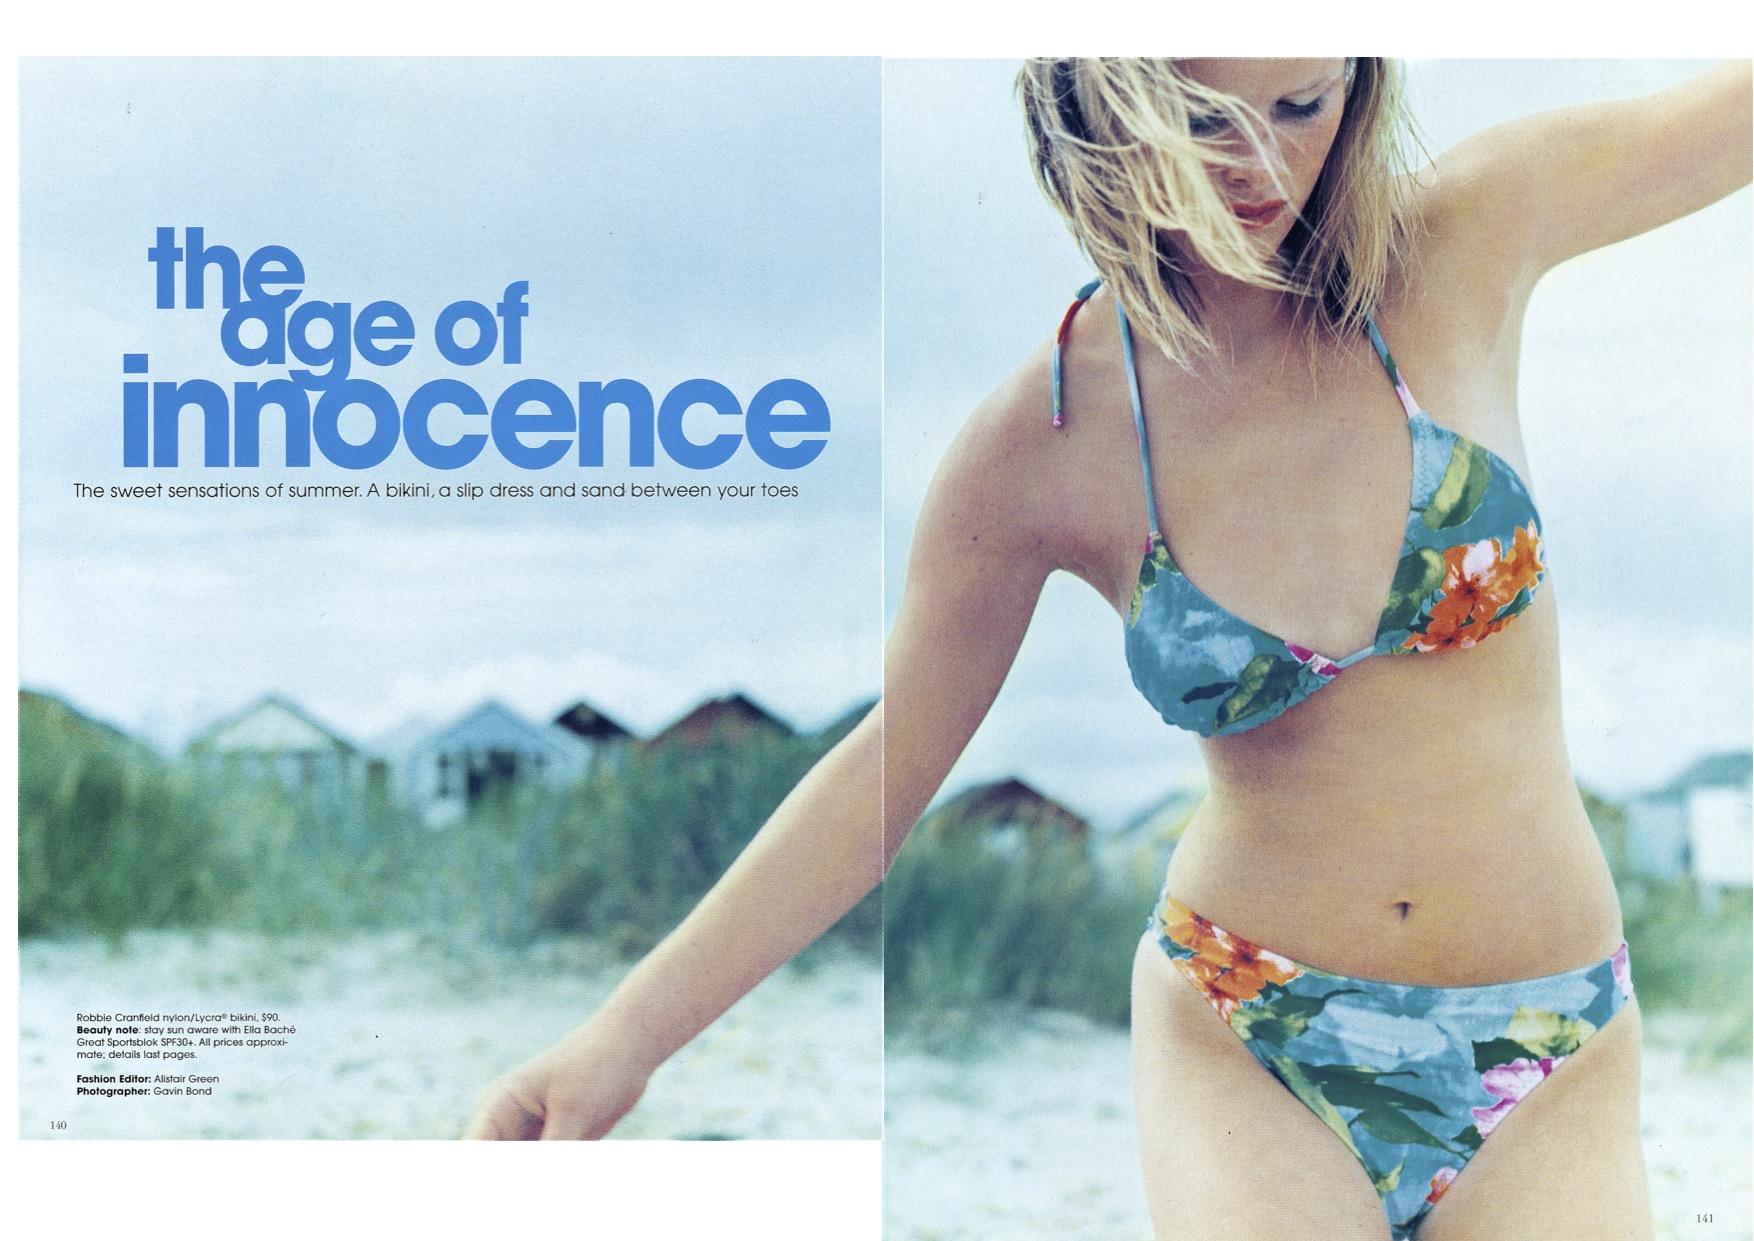 Alexis thorpe in bikini, bikini pics usa